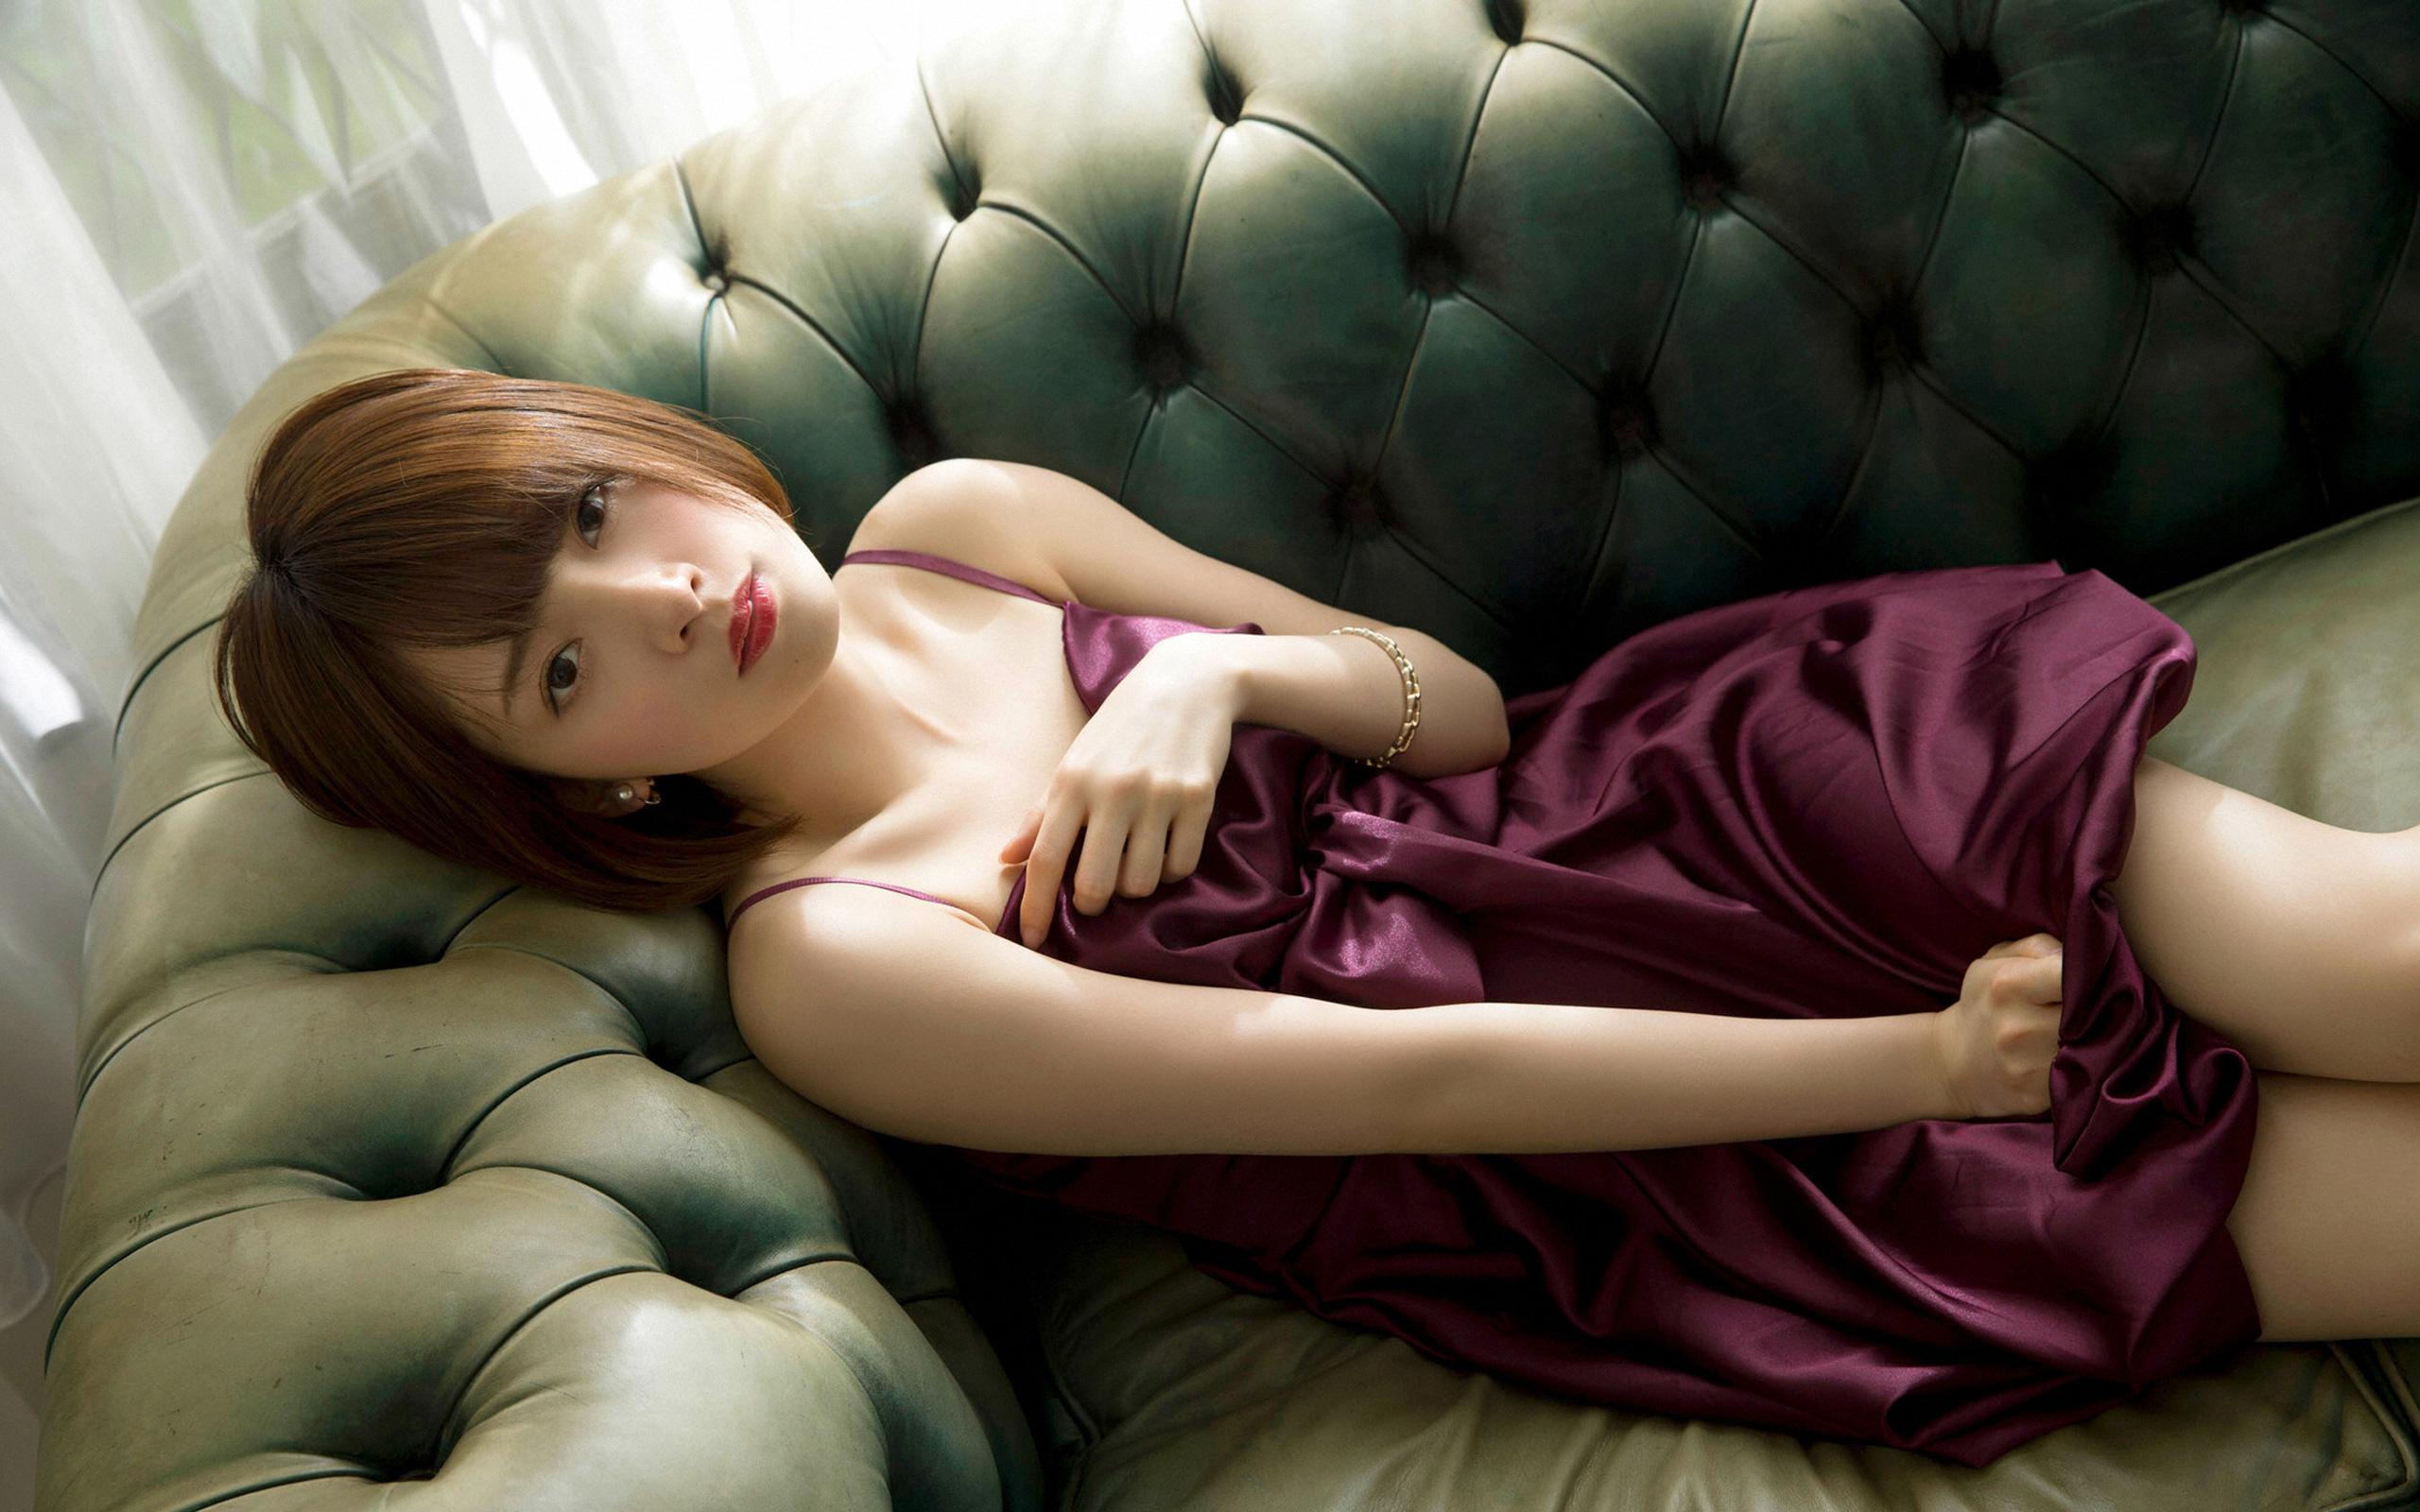 ソファに横たわる橋本奈々未さん